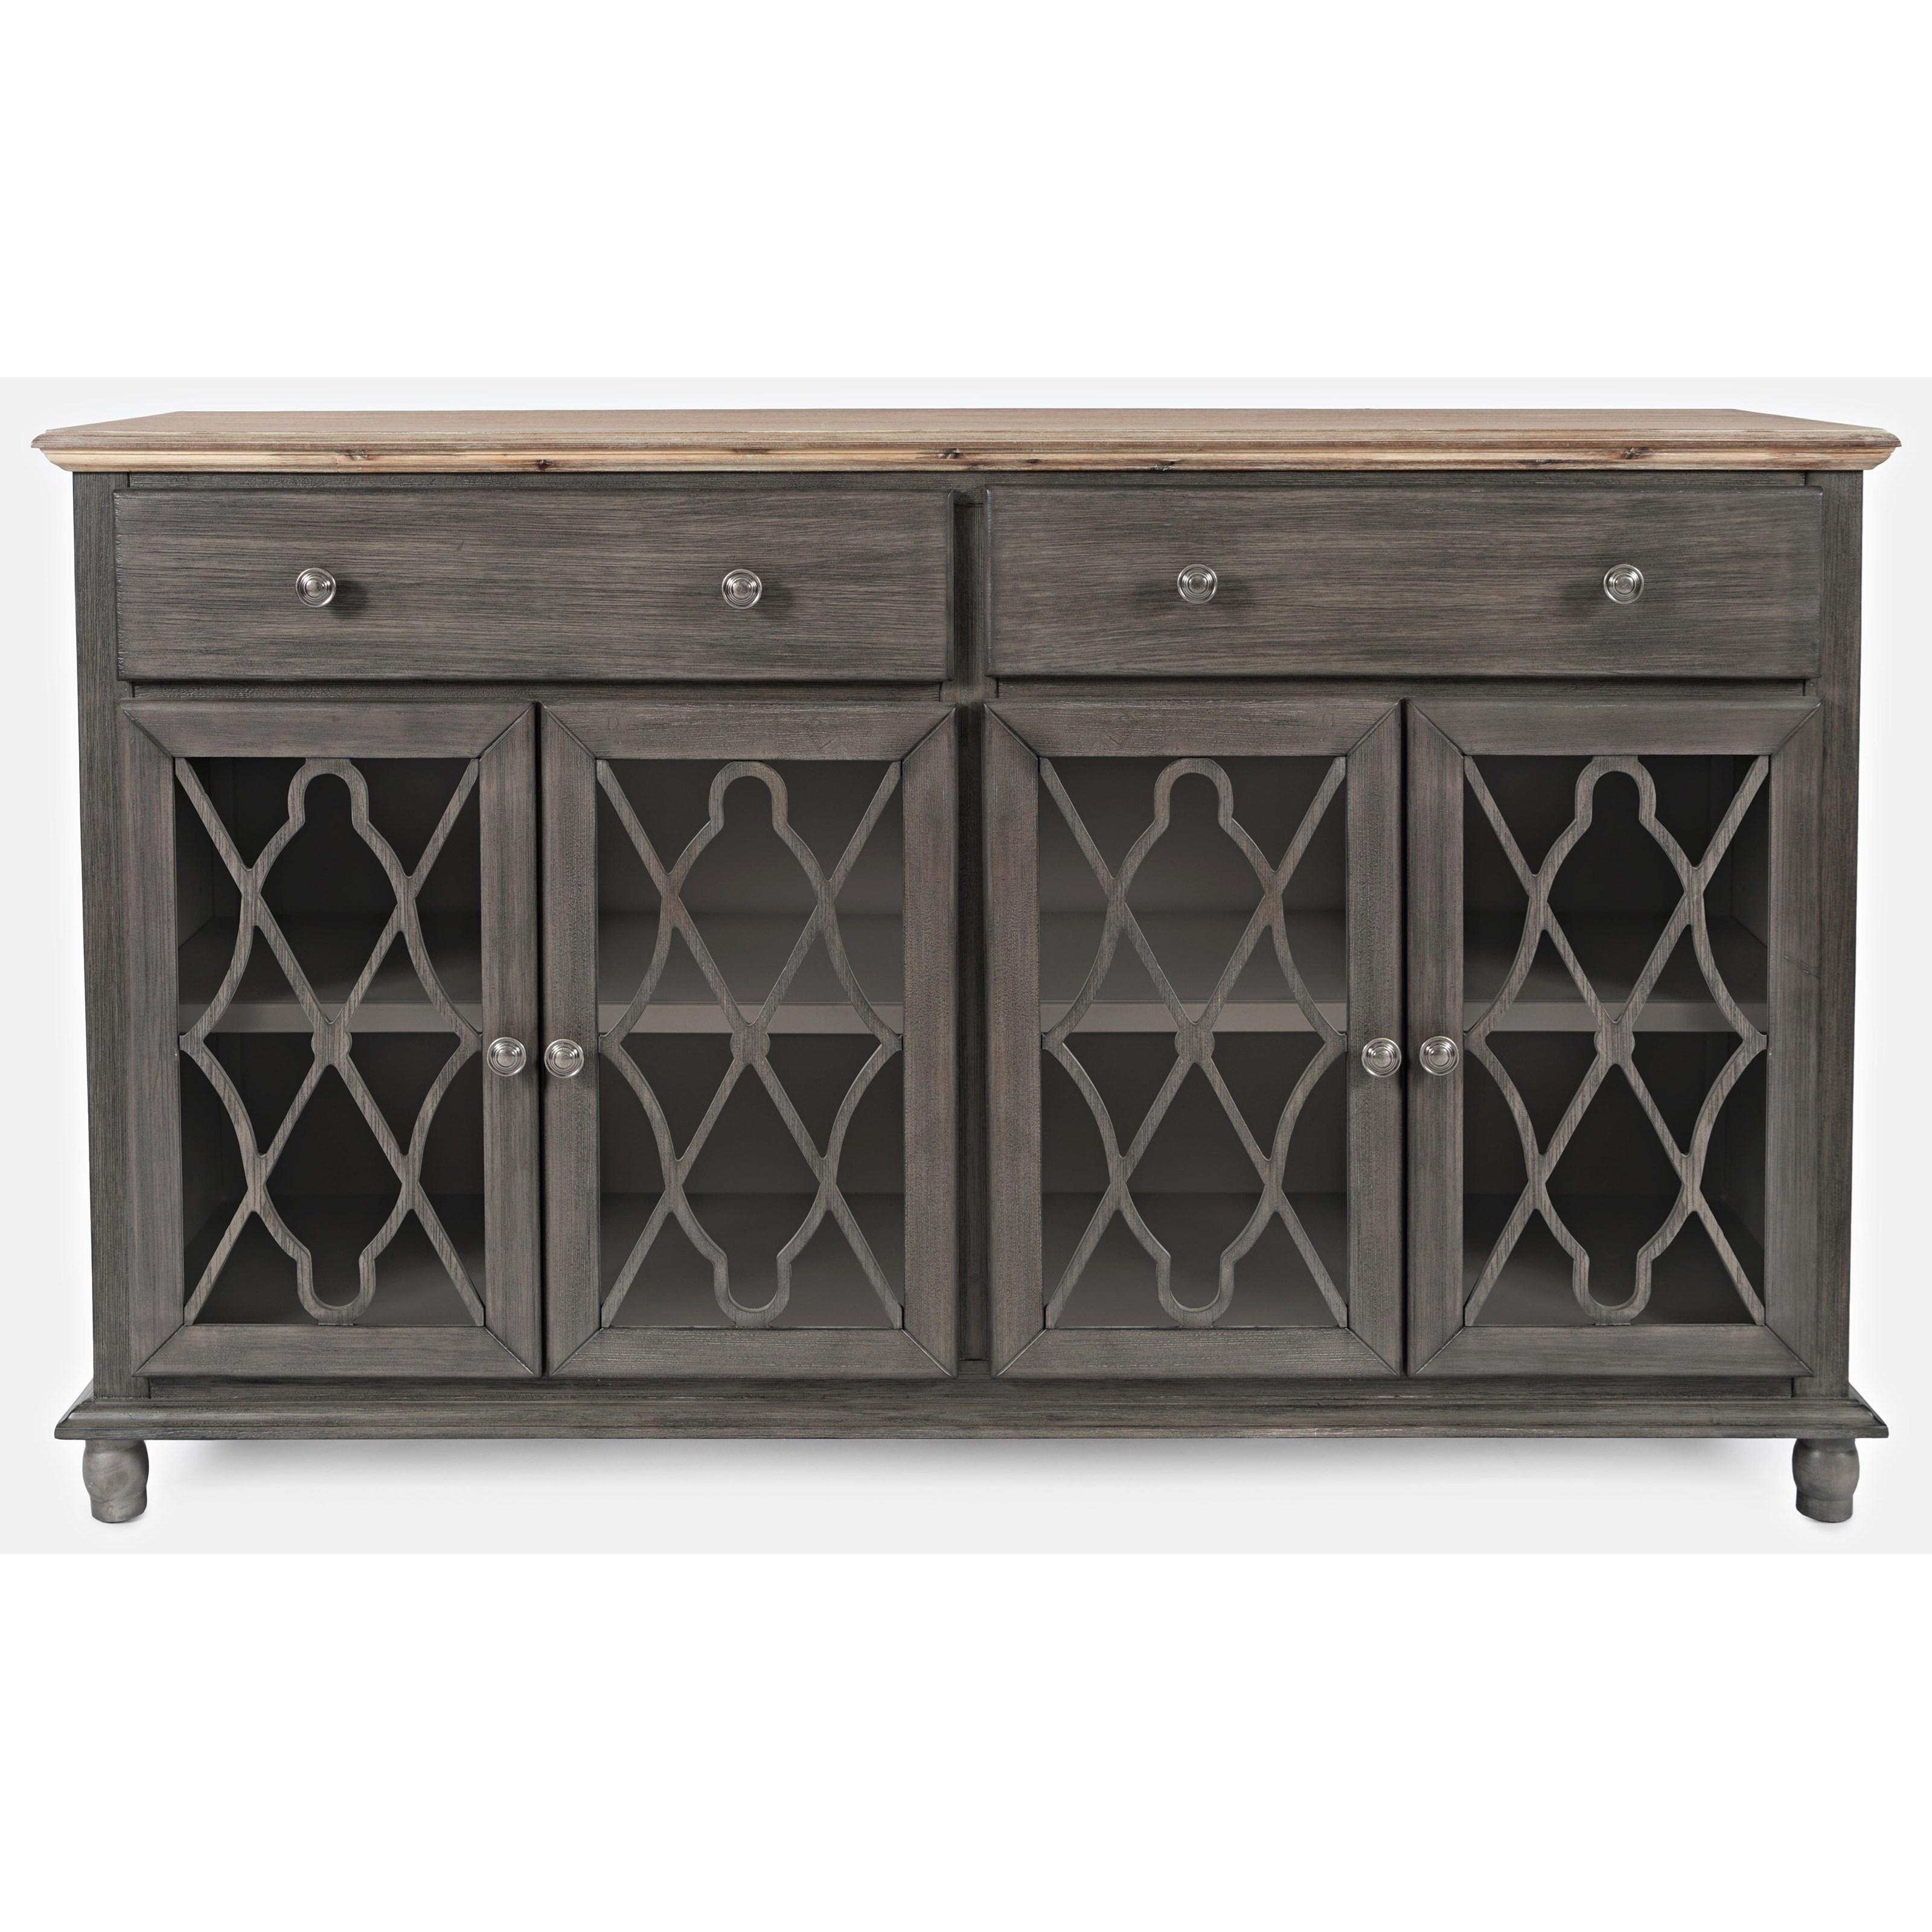 Aurora Hills 4-Door Accent Chest by Jofran at Value City Furniture